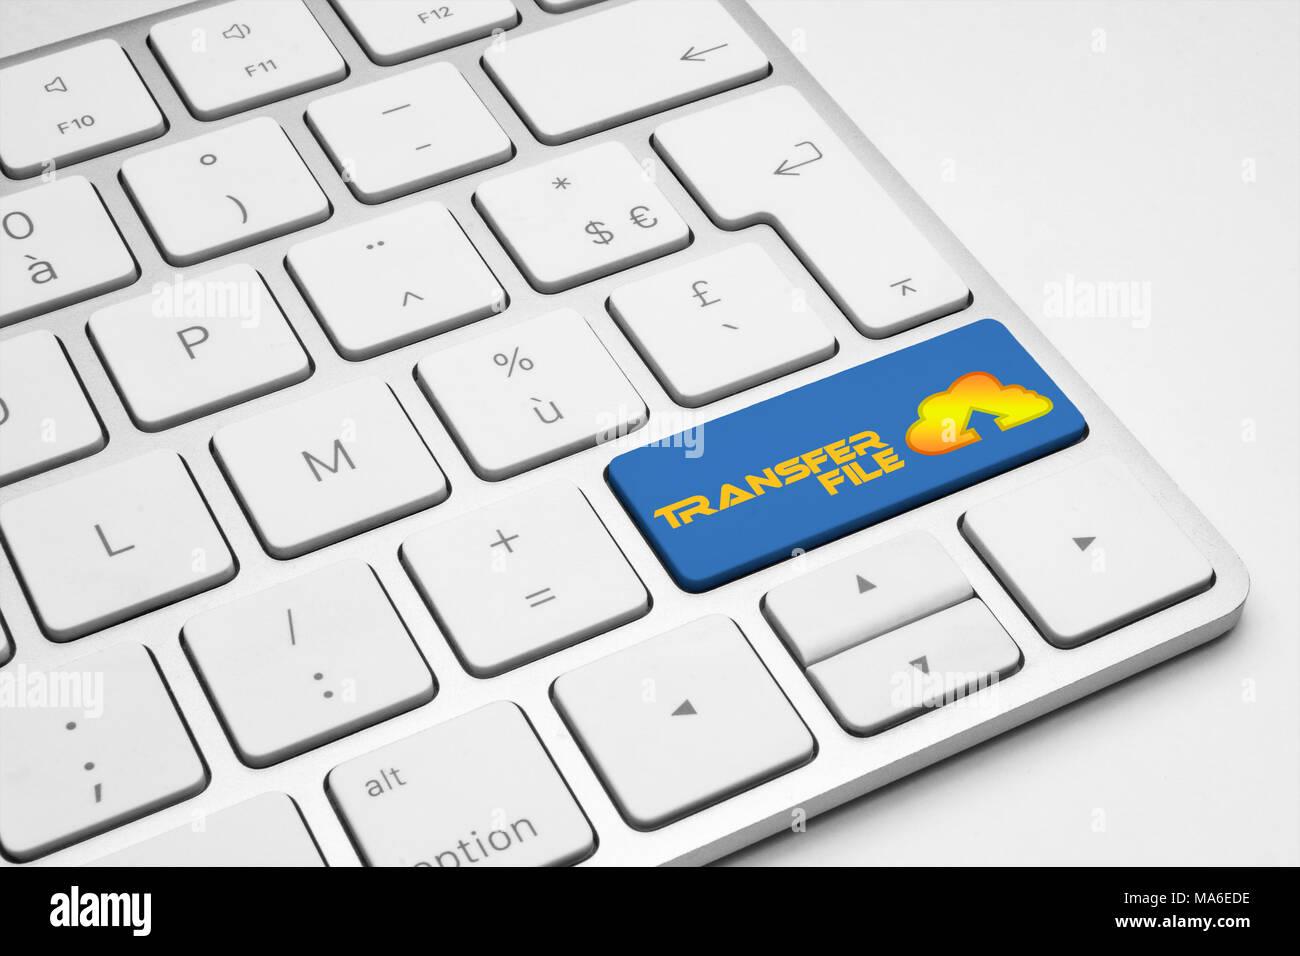 Archivo de transferencia botón azul con un icono de una nube blanca teclado aislado - Internet, web, medios sociales y empresariales concepto ilustrativo Imagen De Stock